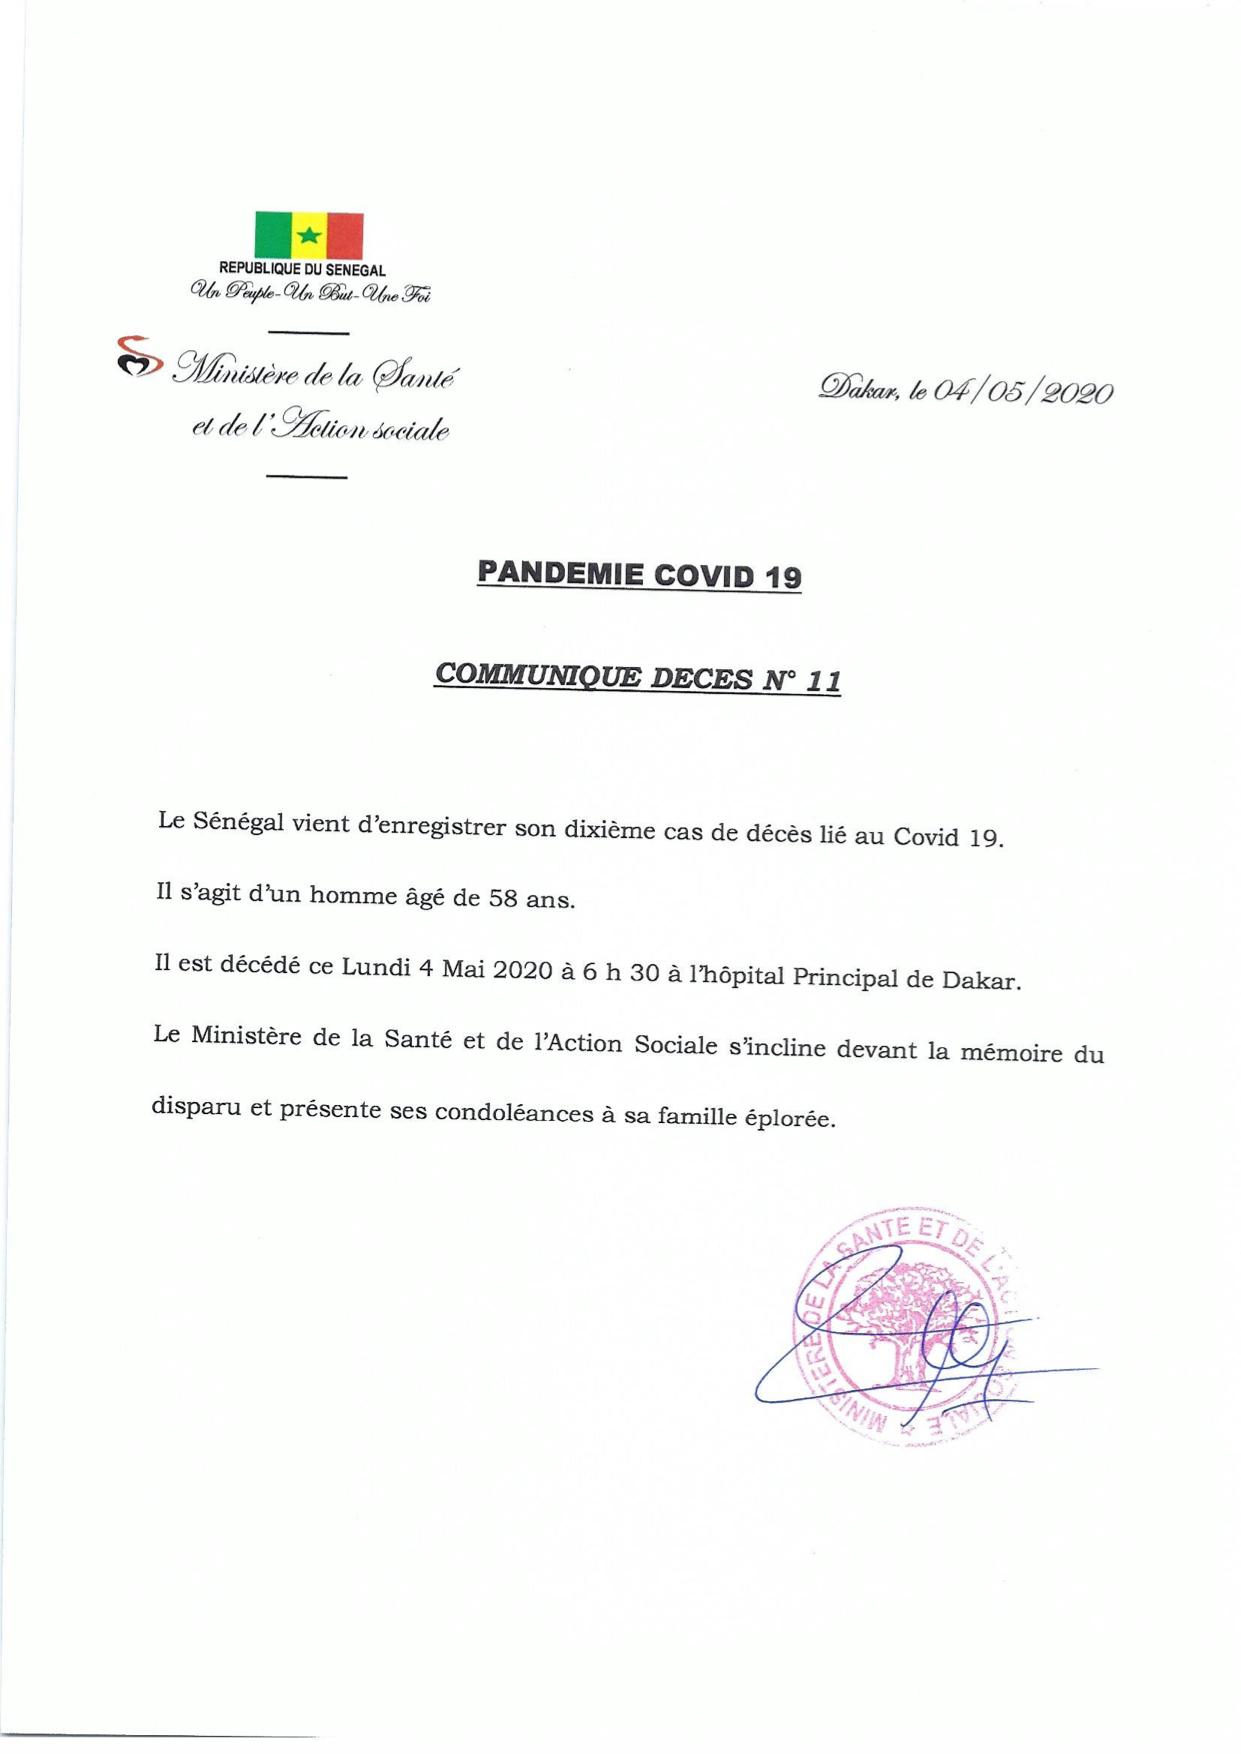 Covid-19 : Décès d'un homme de 58 ans à l'hôpital Principal de Dakar